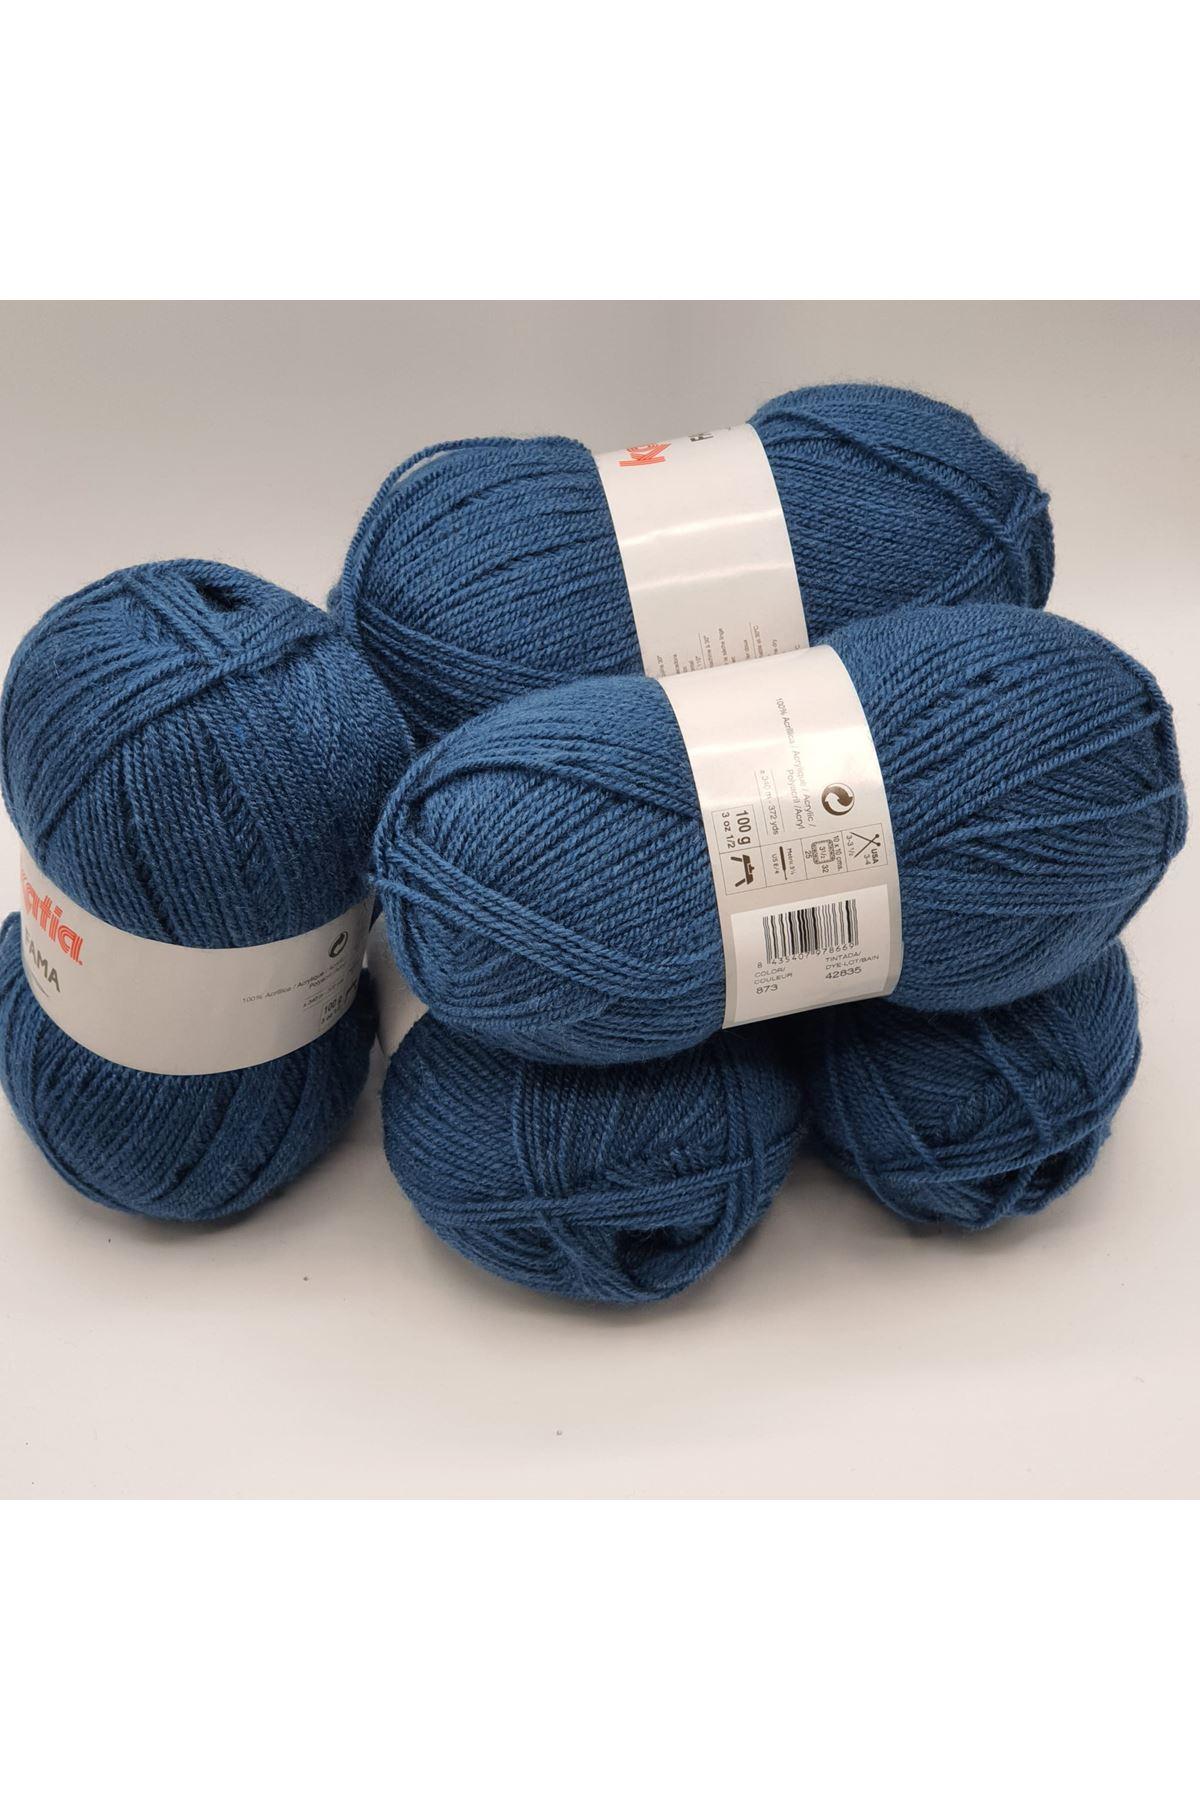 İhrac Fazlası 5'li Paket İnce Akrilik Koyu Mavi 337